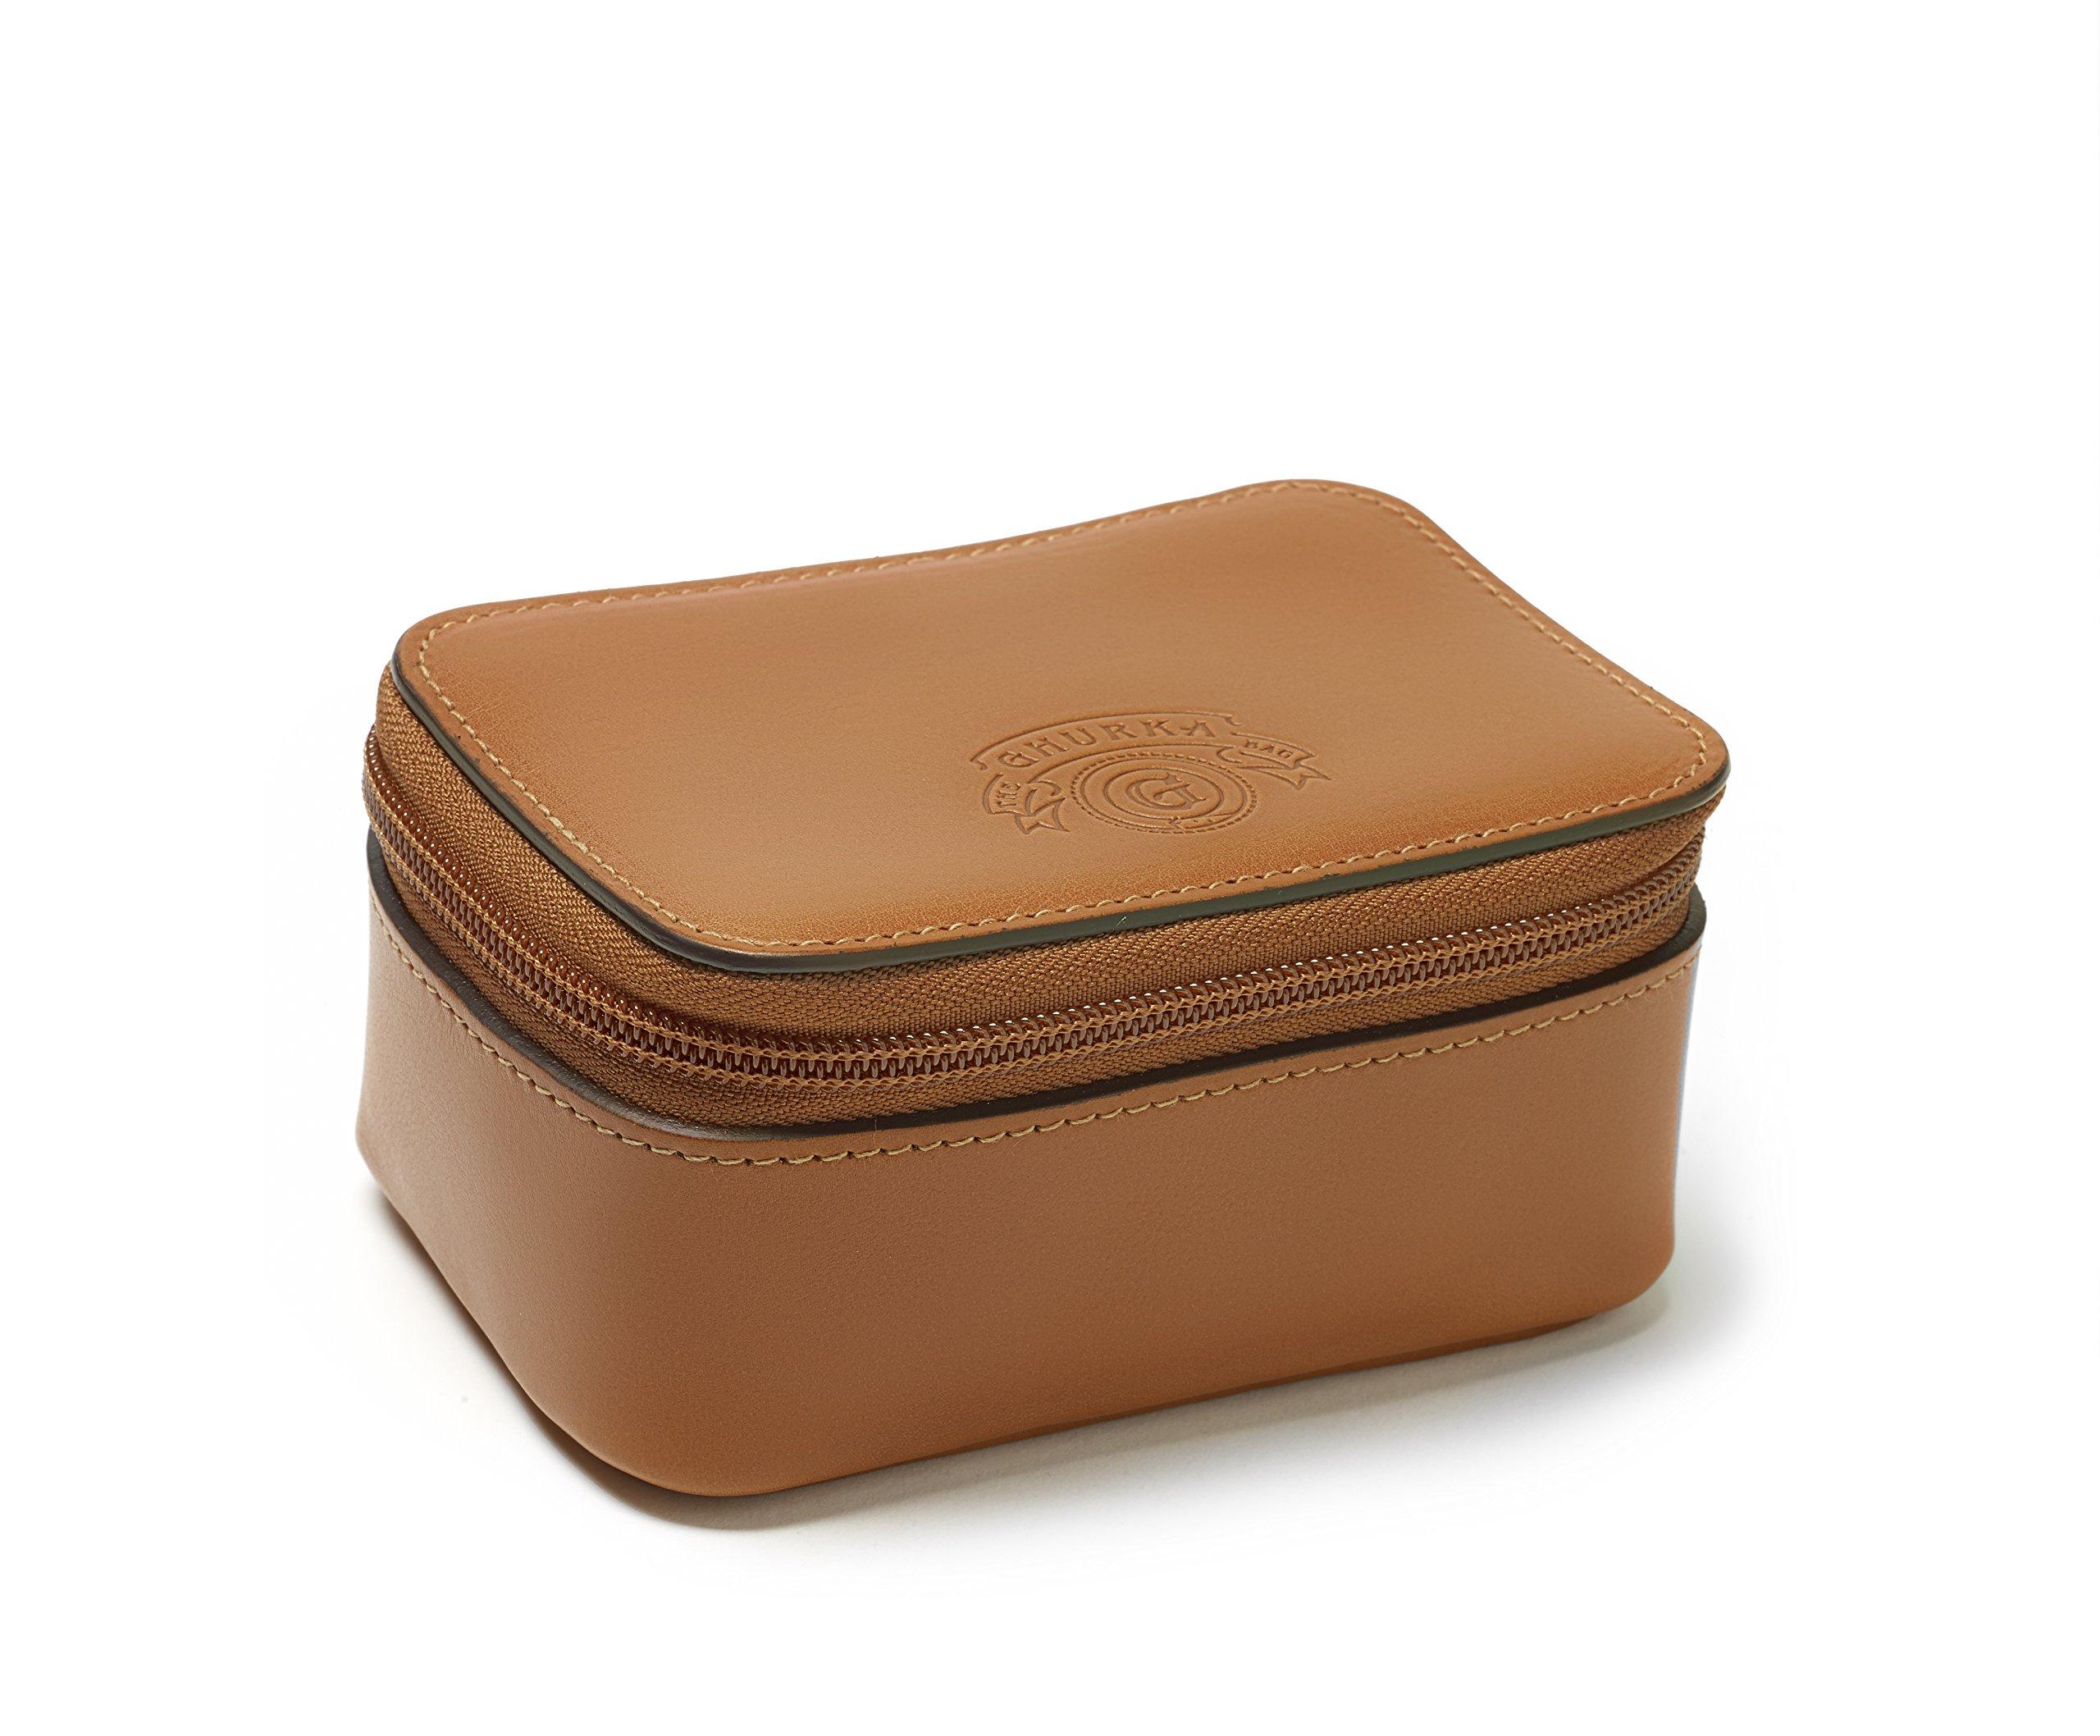 Ghurka Travel Watch Case (Chestnut)